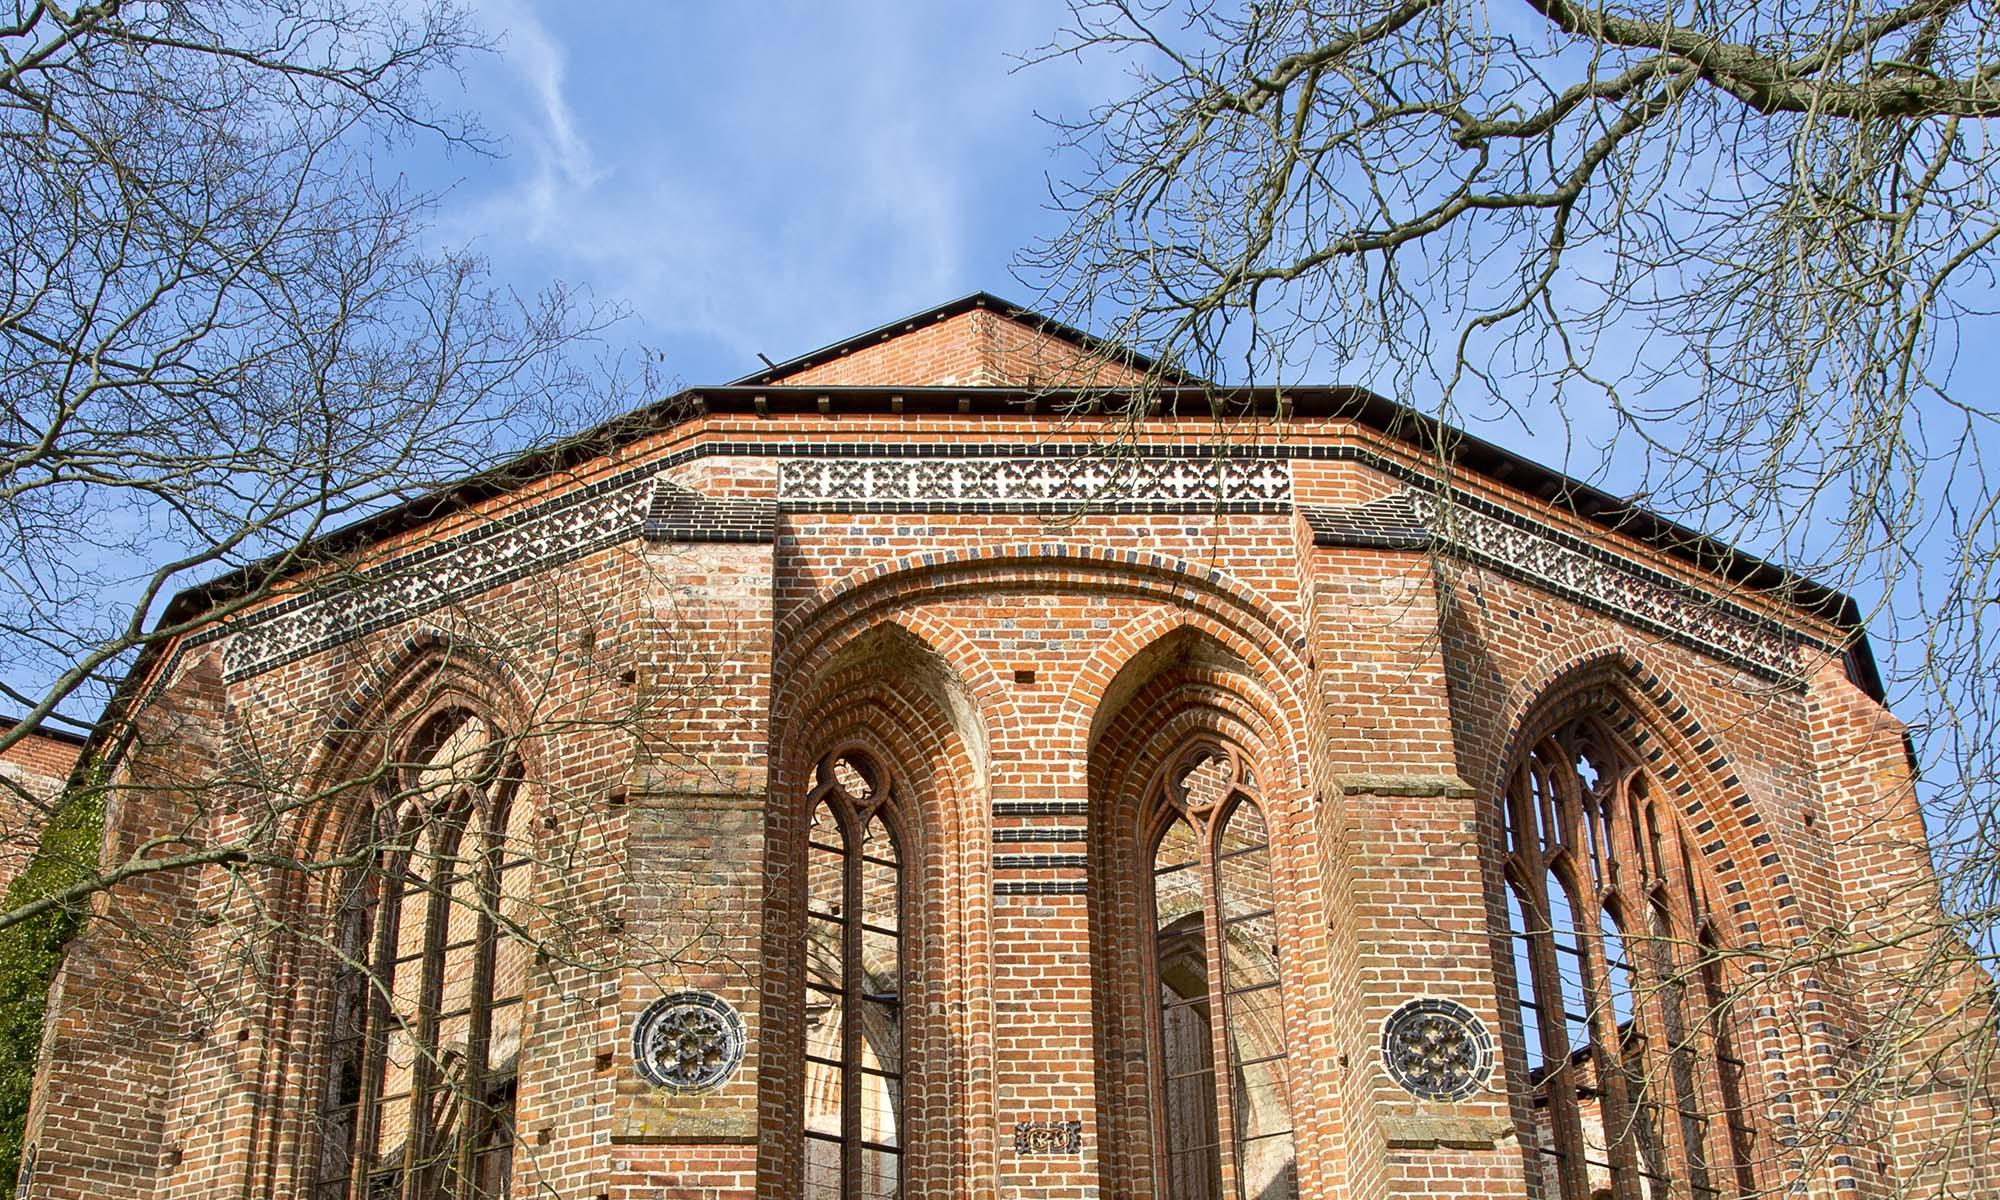 Dargun Kloster, Mecklenburg-Vorpommern